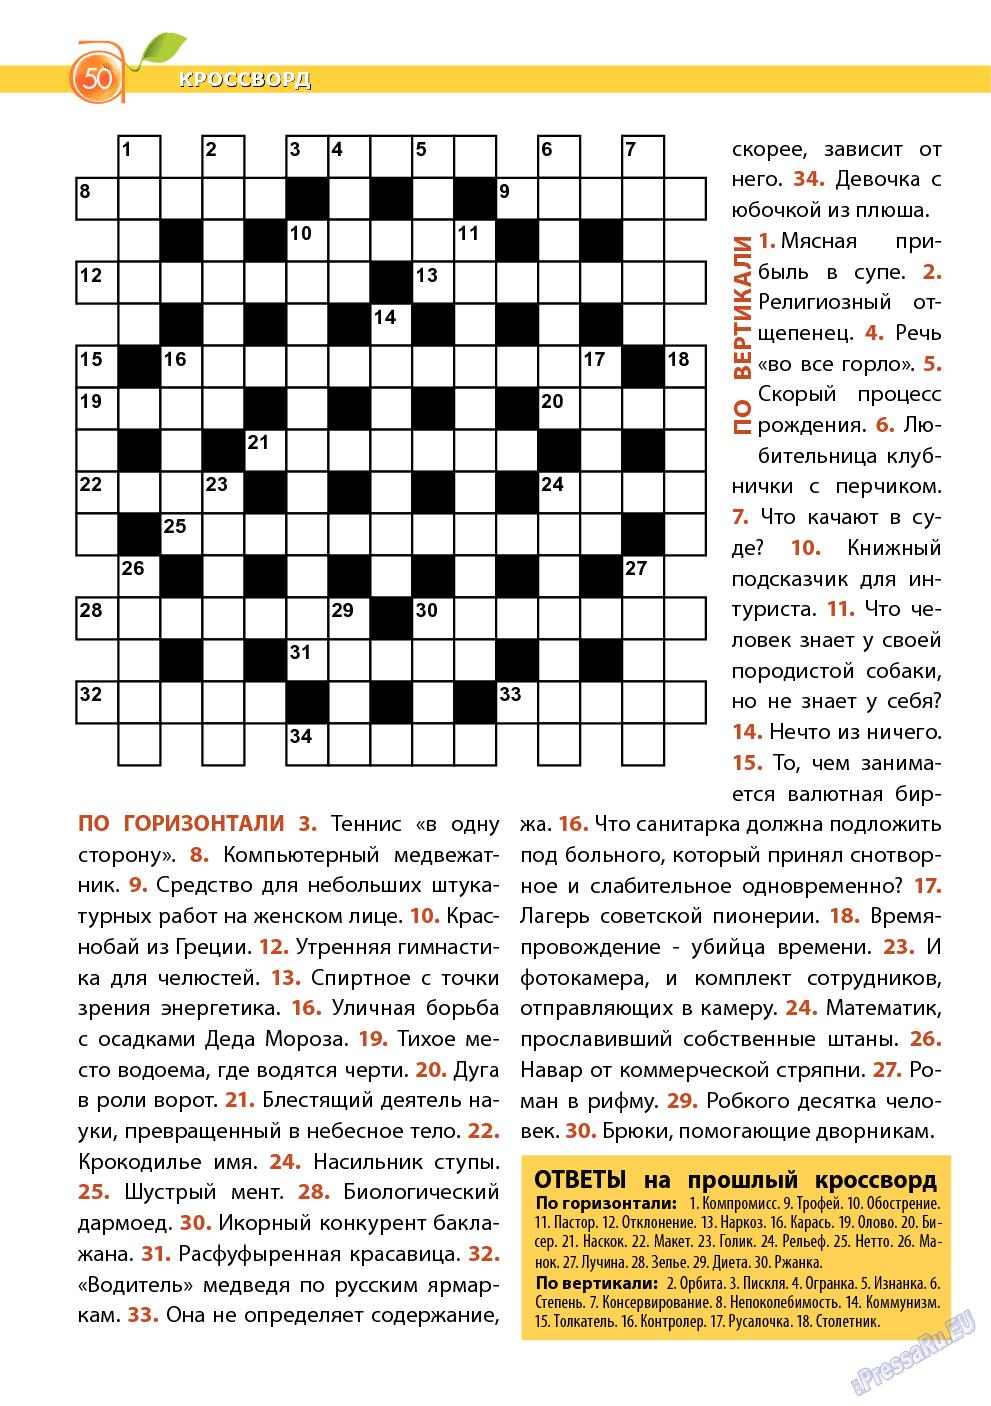 Апельсин (журнал). 2013 год, номер 53, стр. 48